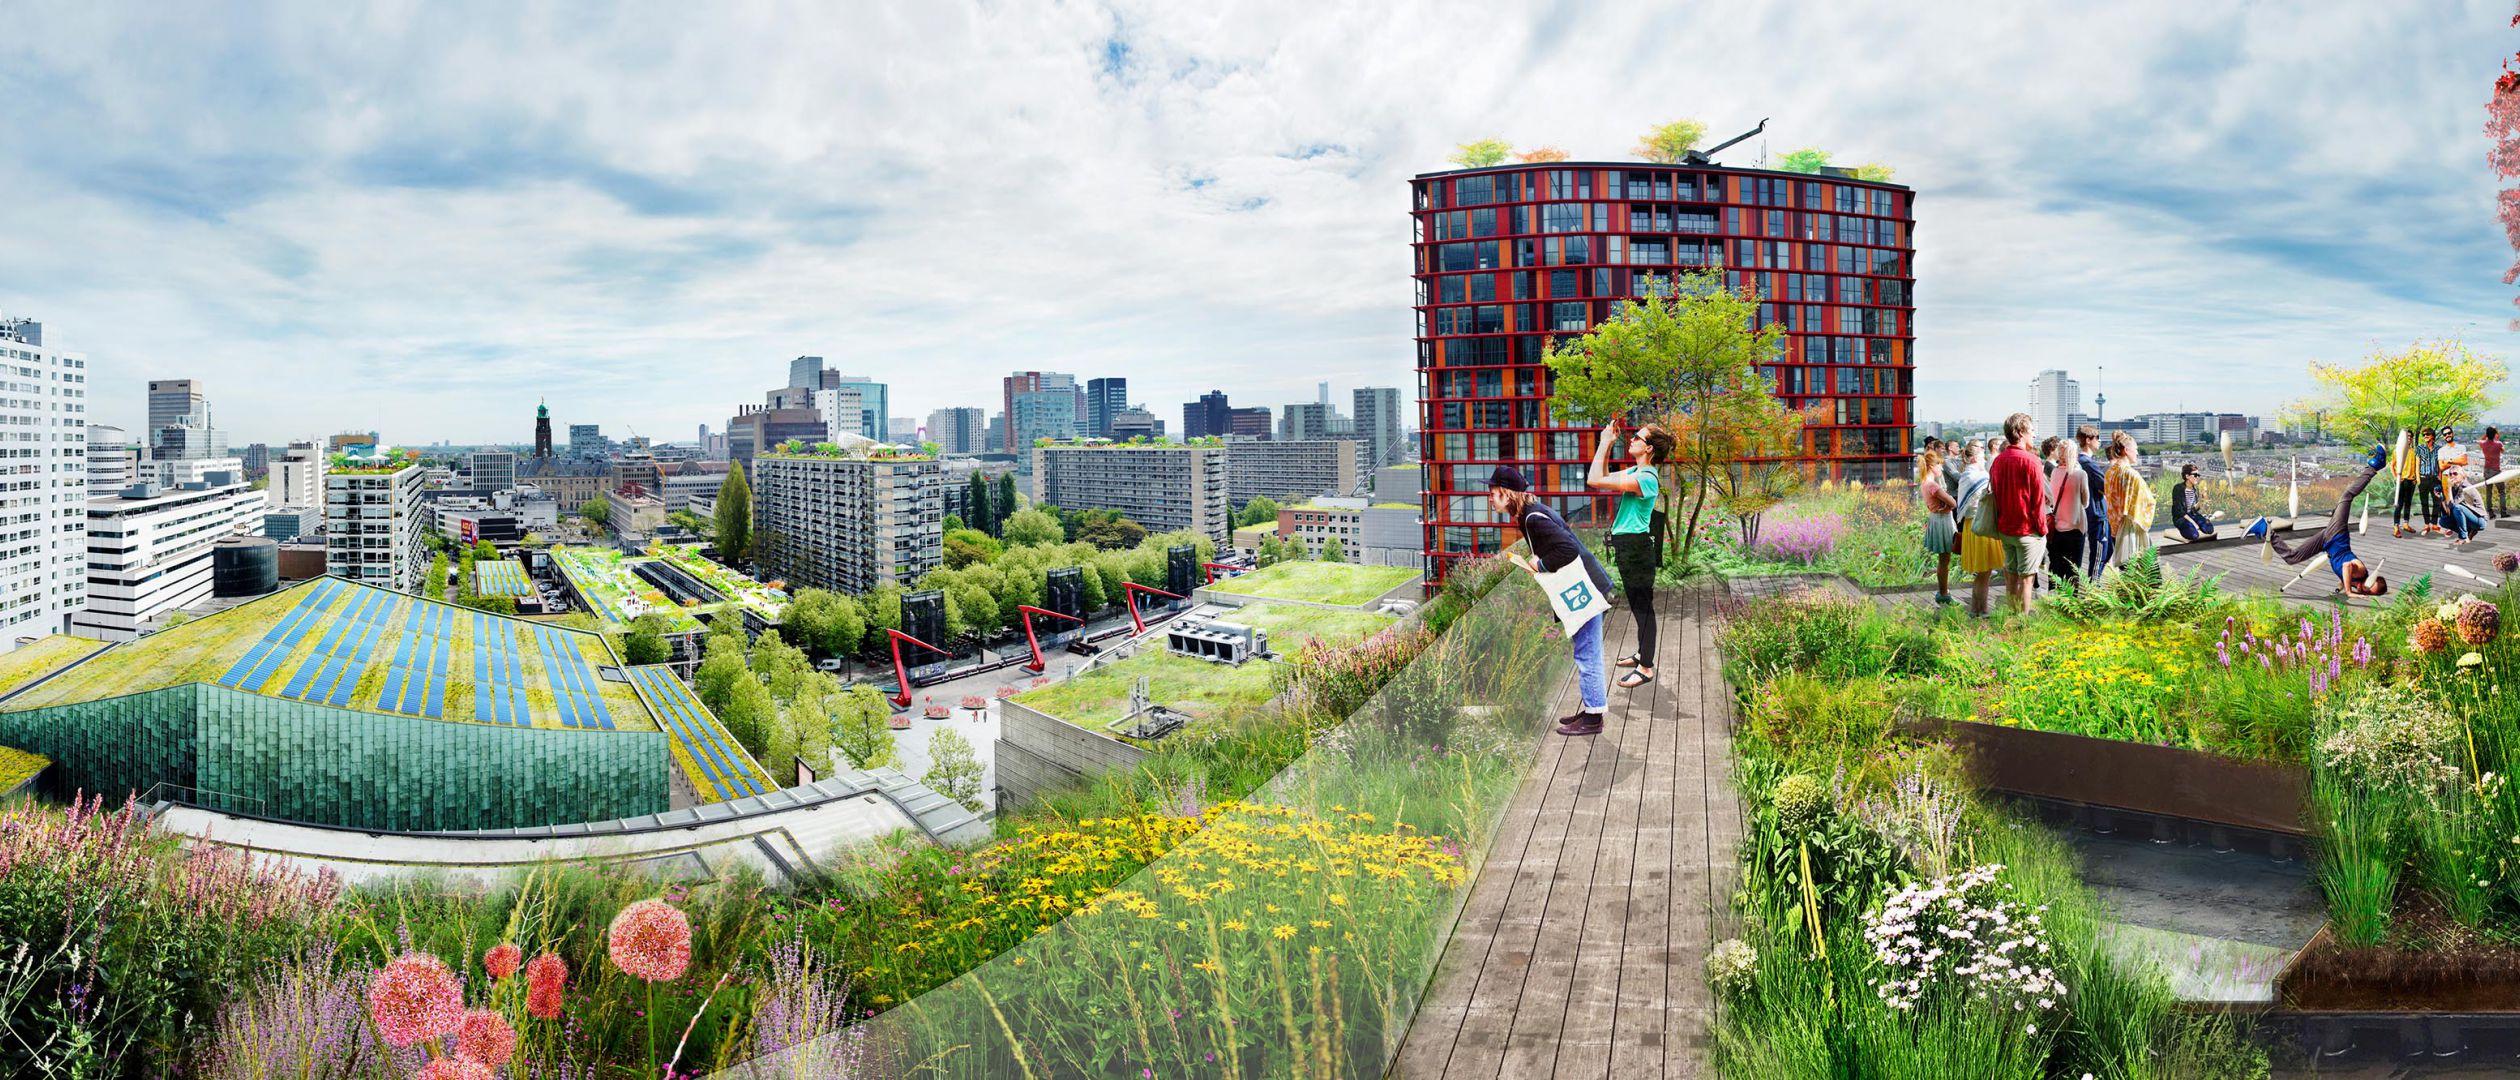 Sustainable Schouwburgplein, Rotterdam